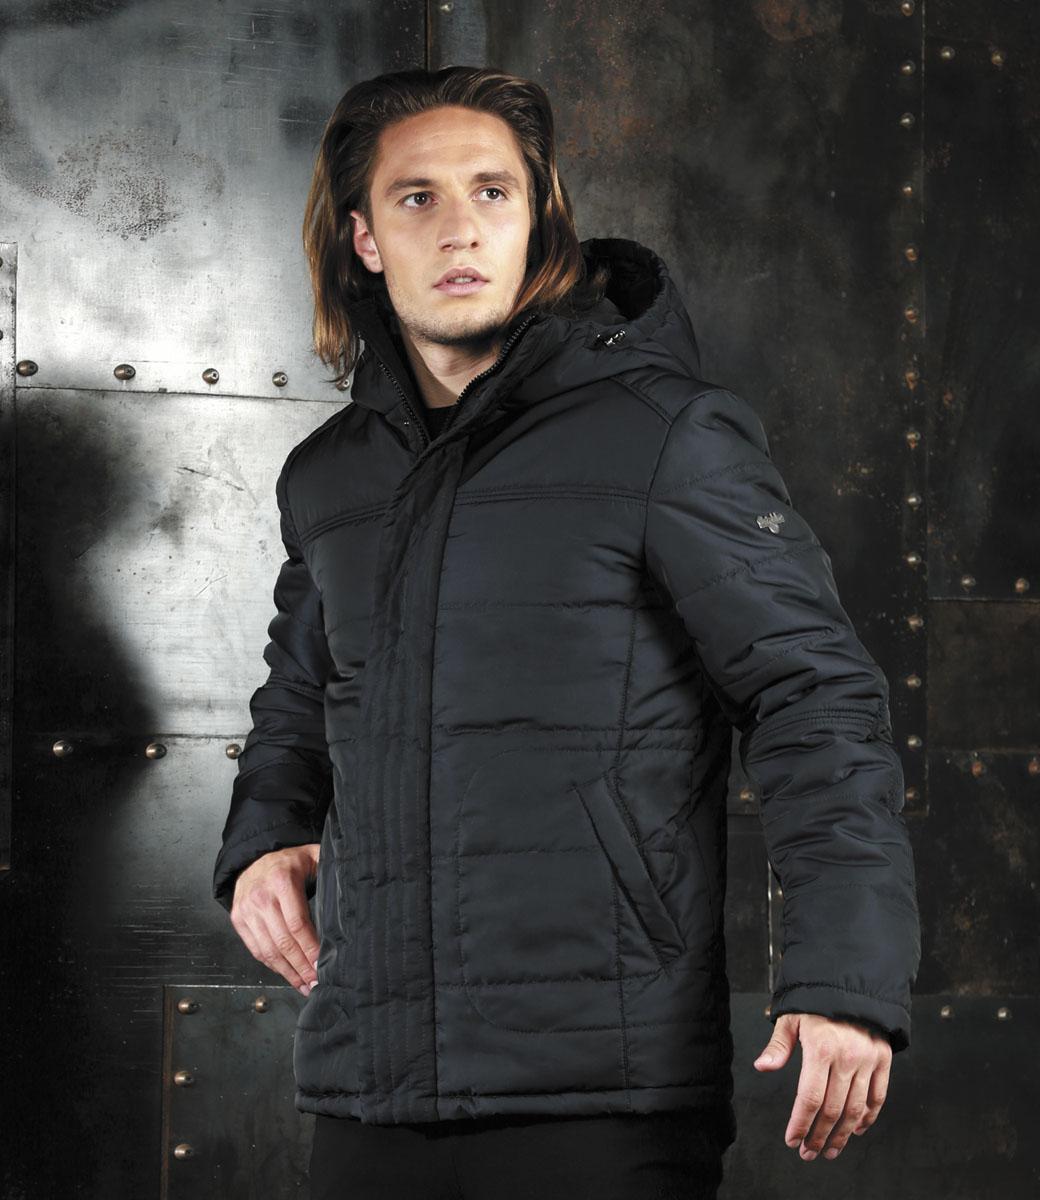 Куртка мужская Grishko, цвет: черный. AL-2977. Размер 50 майка для йоги женская grishko цвет серый al 2934 размер 46